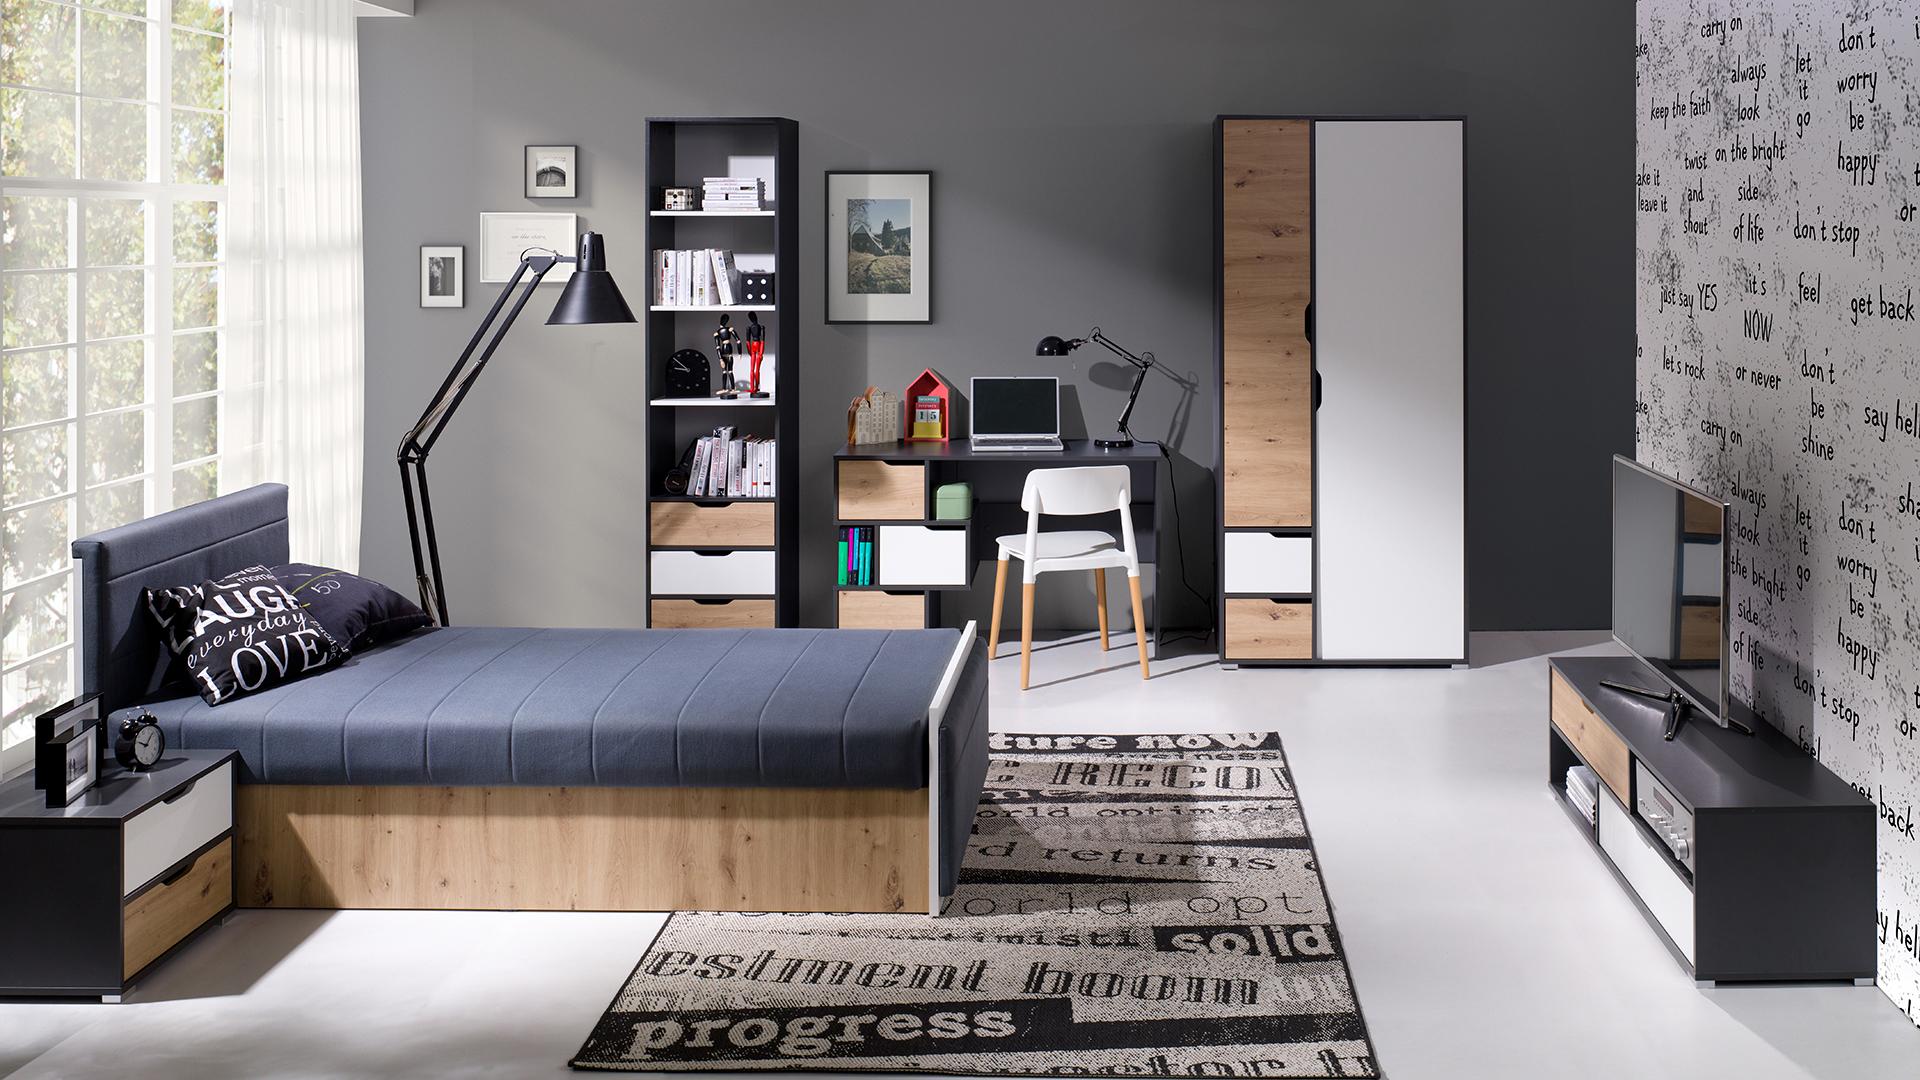 Moderní studentský nábytek Arabela sestava E - Inspirace a fotogalerie